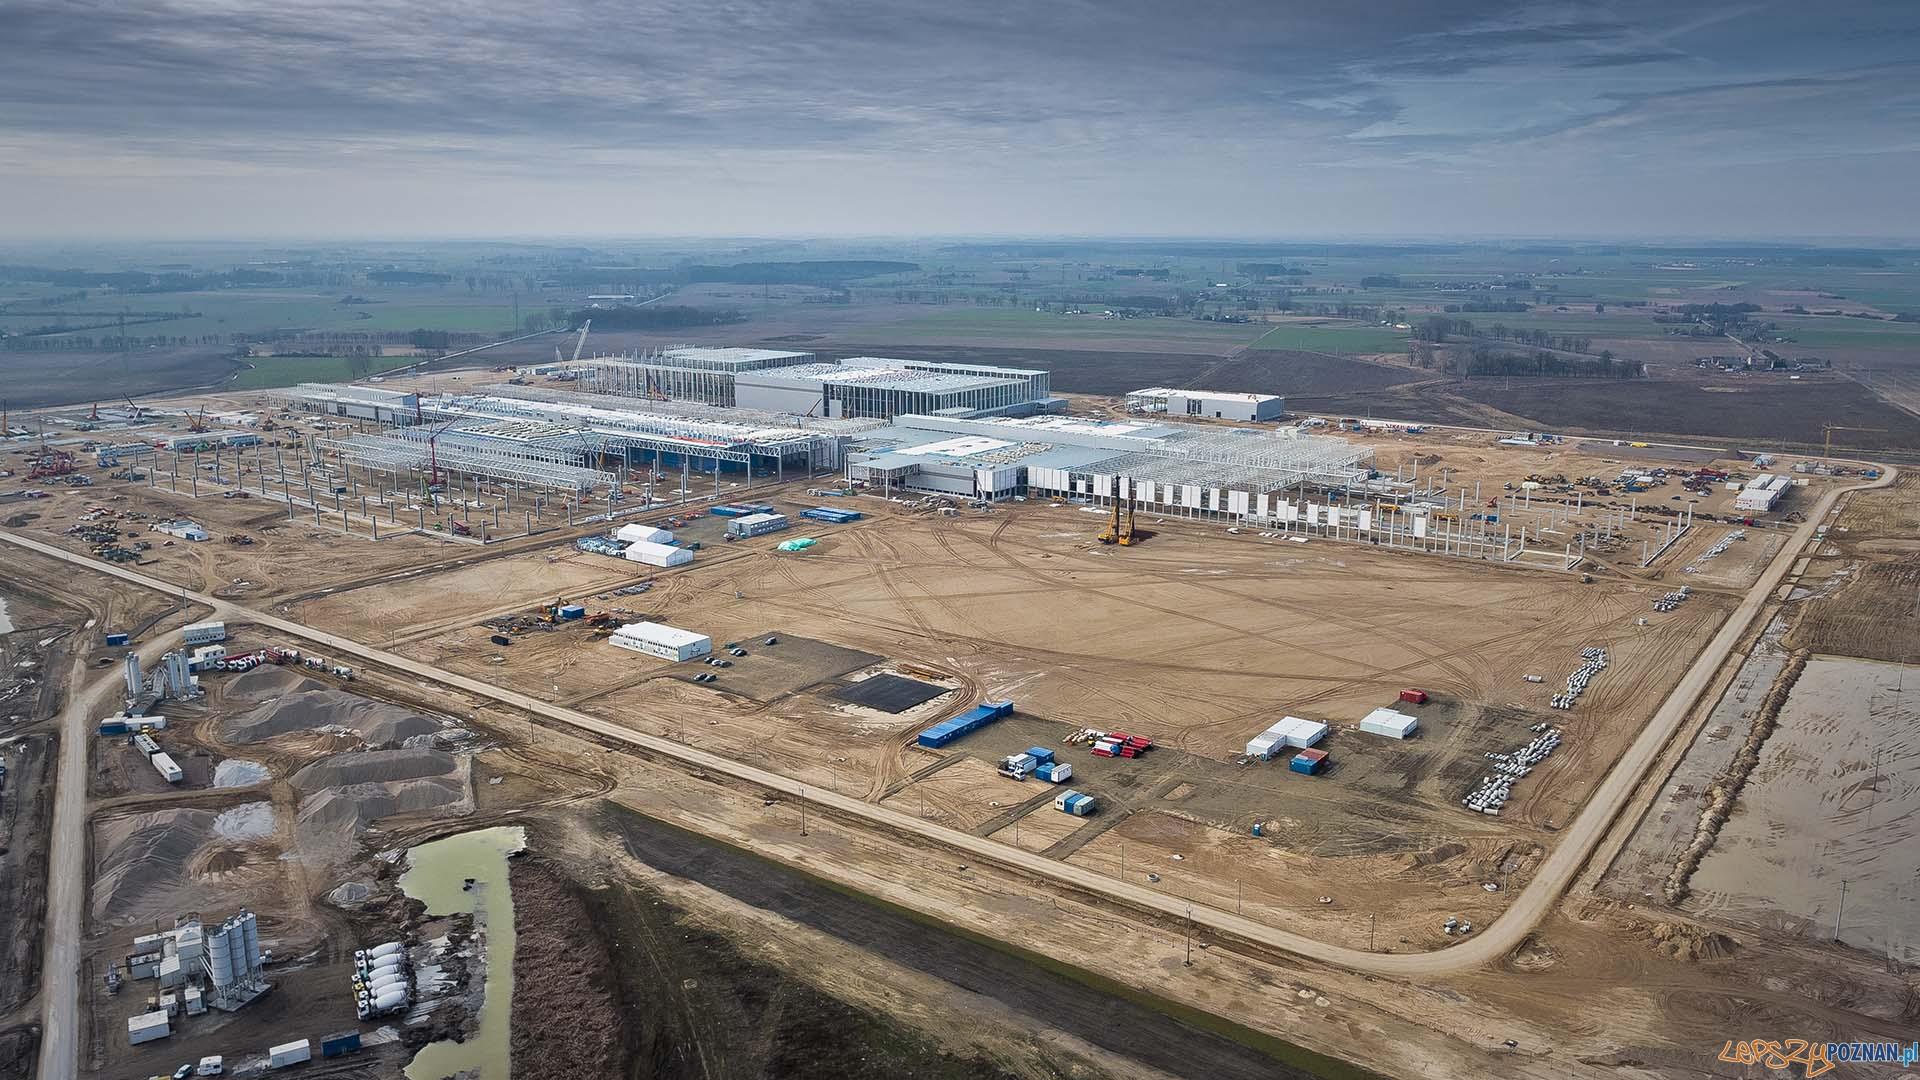 Budiowa fabryki Volkswagena pod Wrześnią  (5)  Foto: